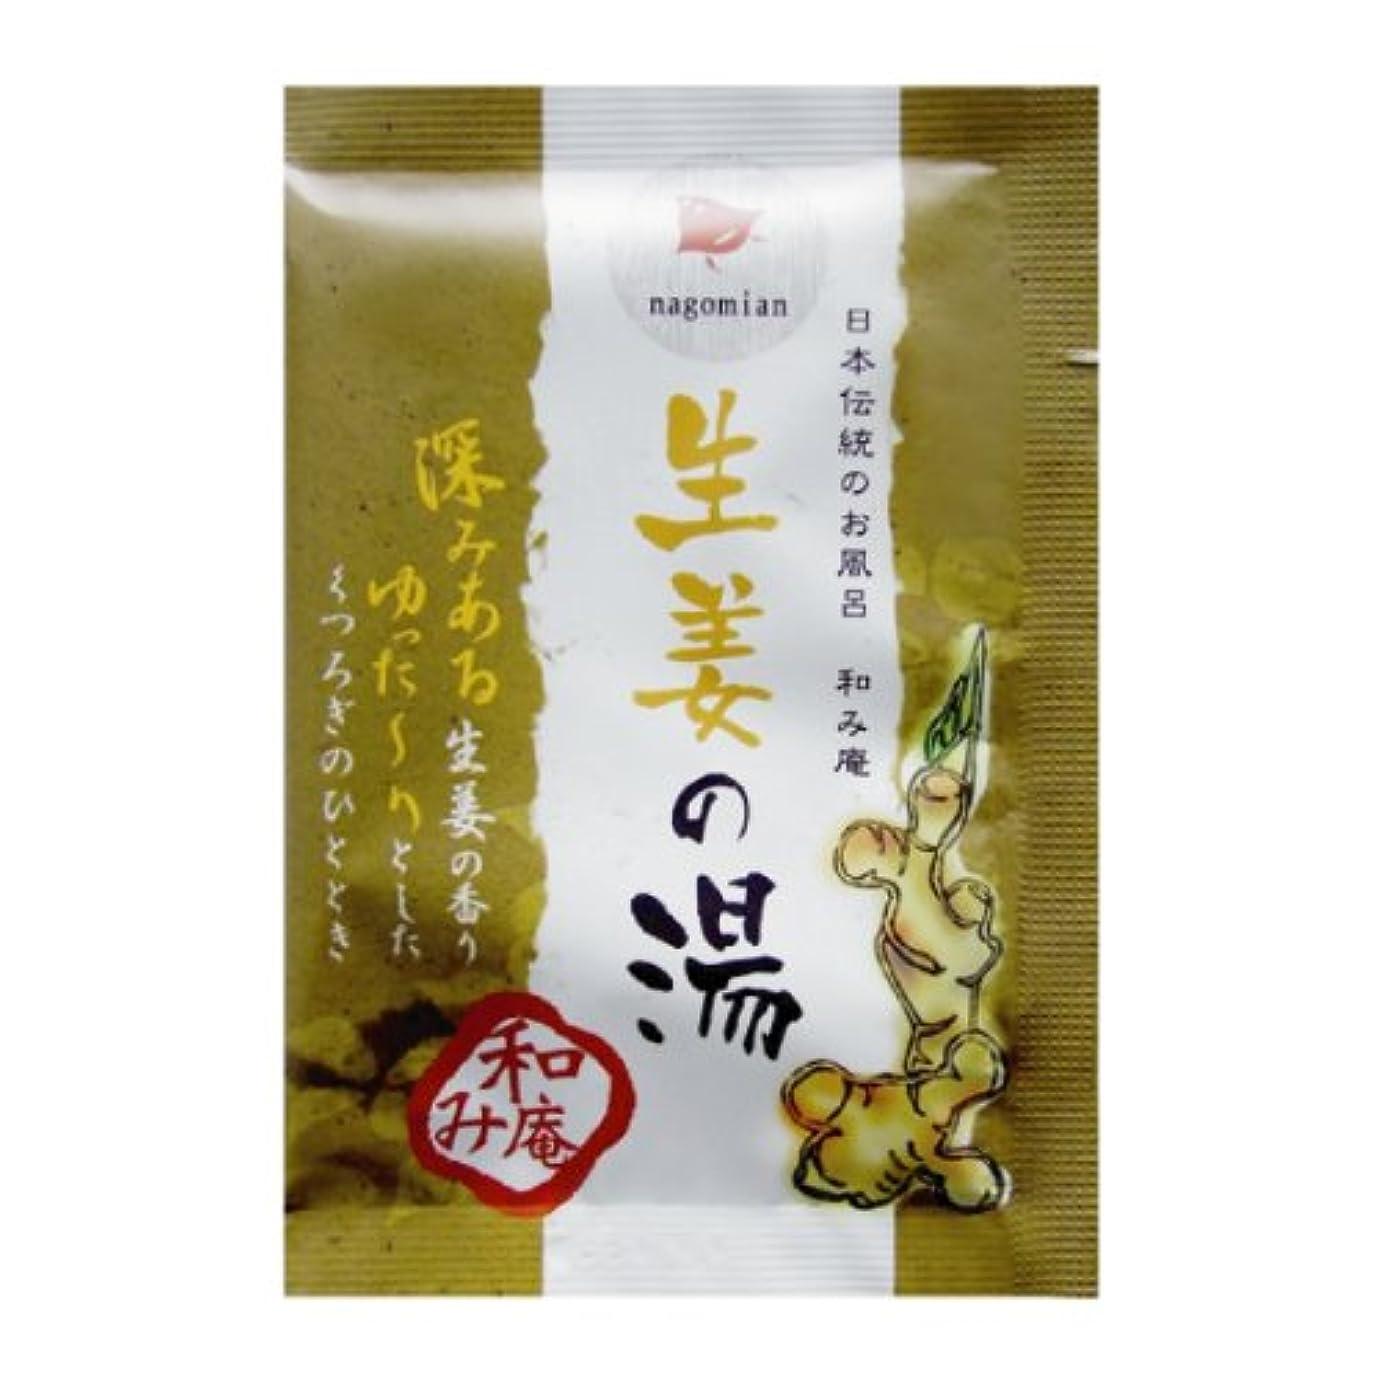 混乱させるオーバーラン紀元前日本伝統のお風呂 和み庵 生姜の湯 200包